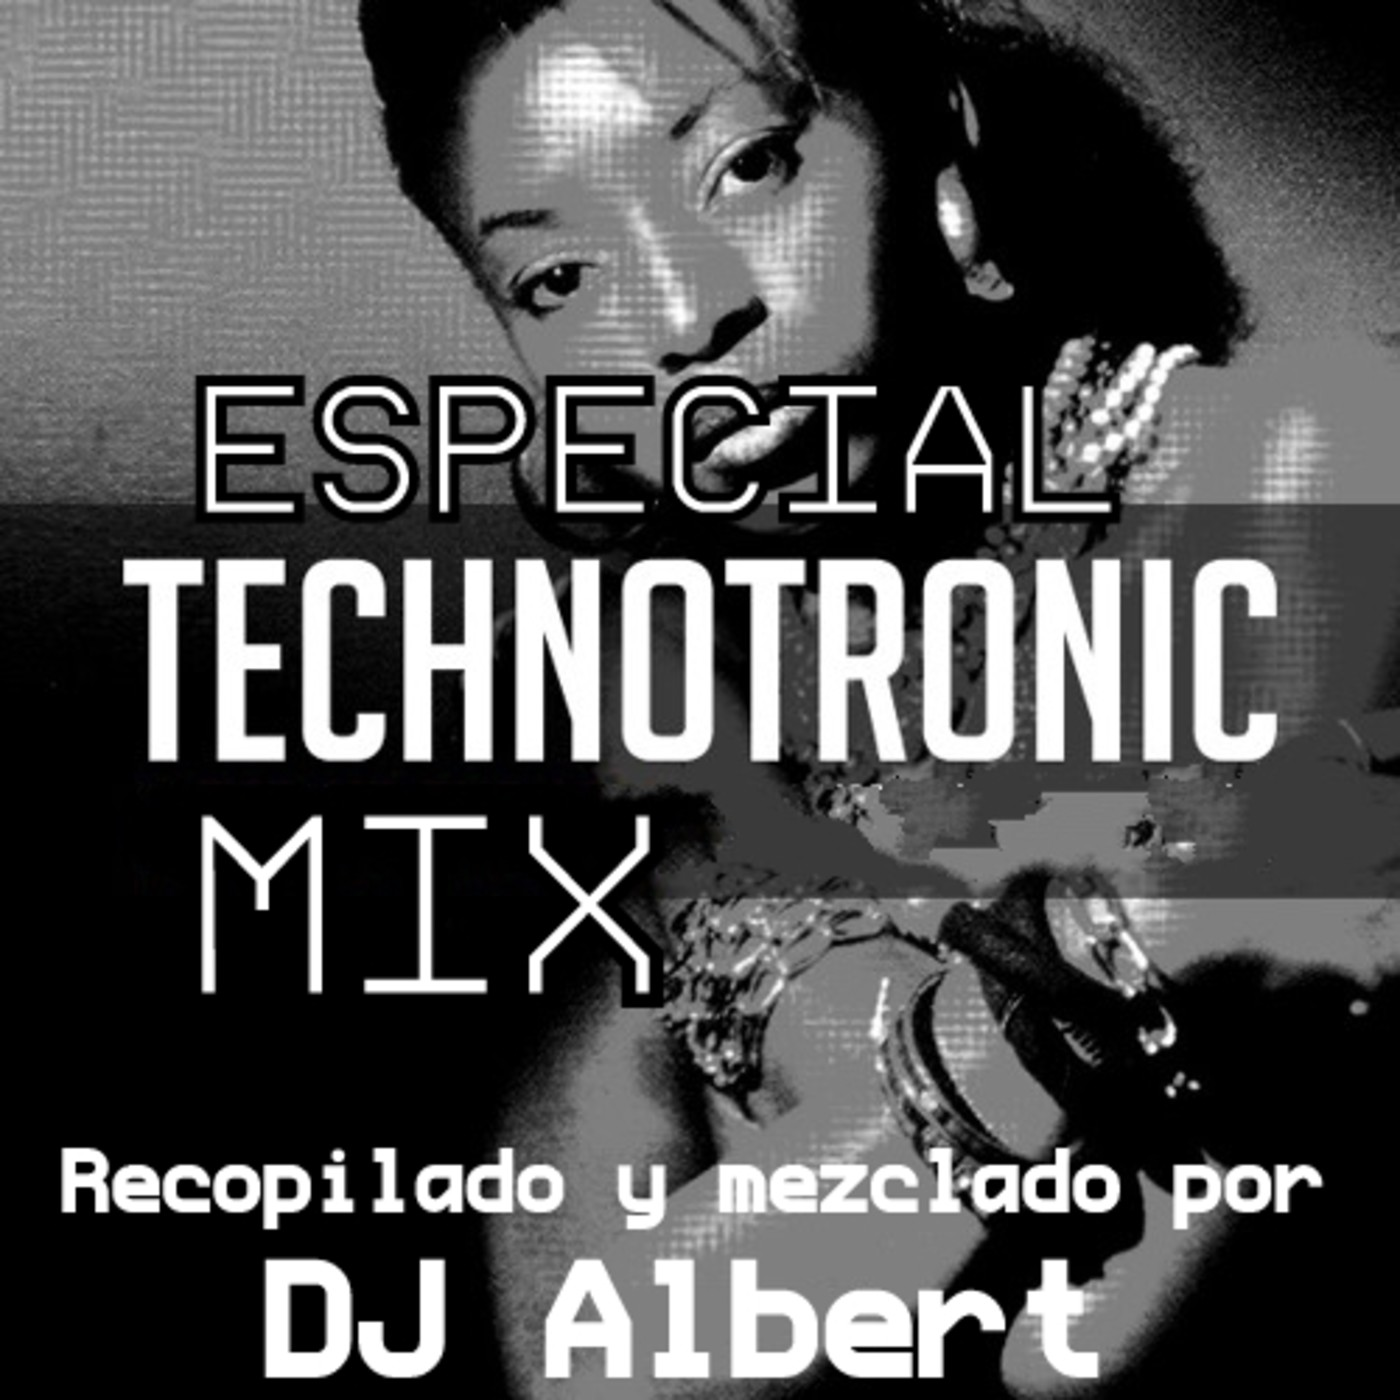 ESPECIAL TECHNOTRONIC MIX Recopilado y mezclado por DJ Albert